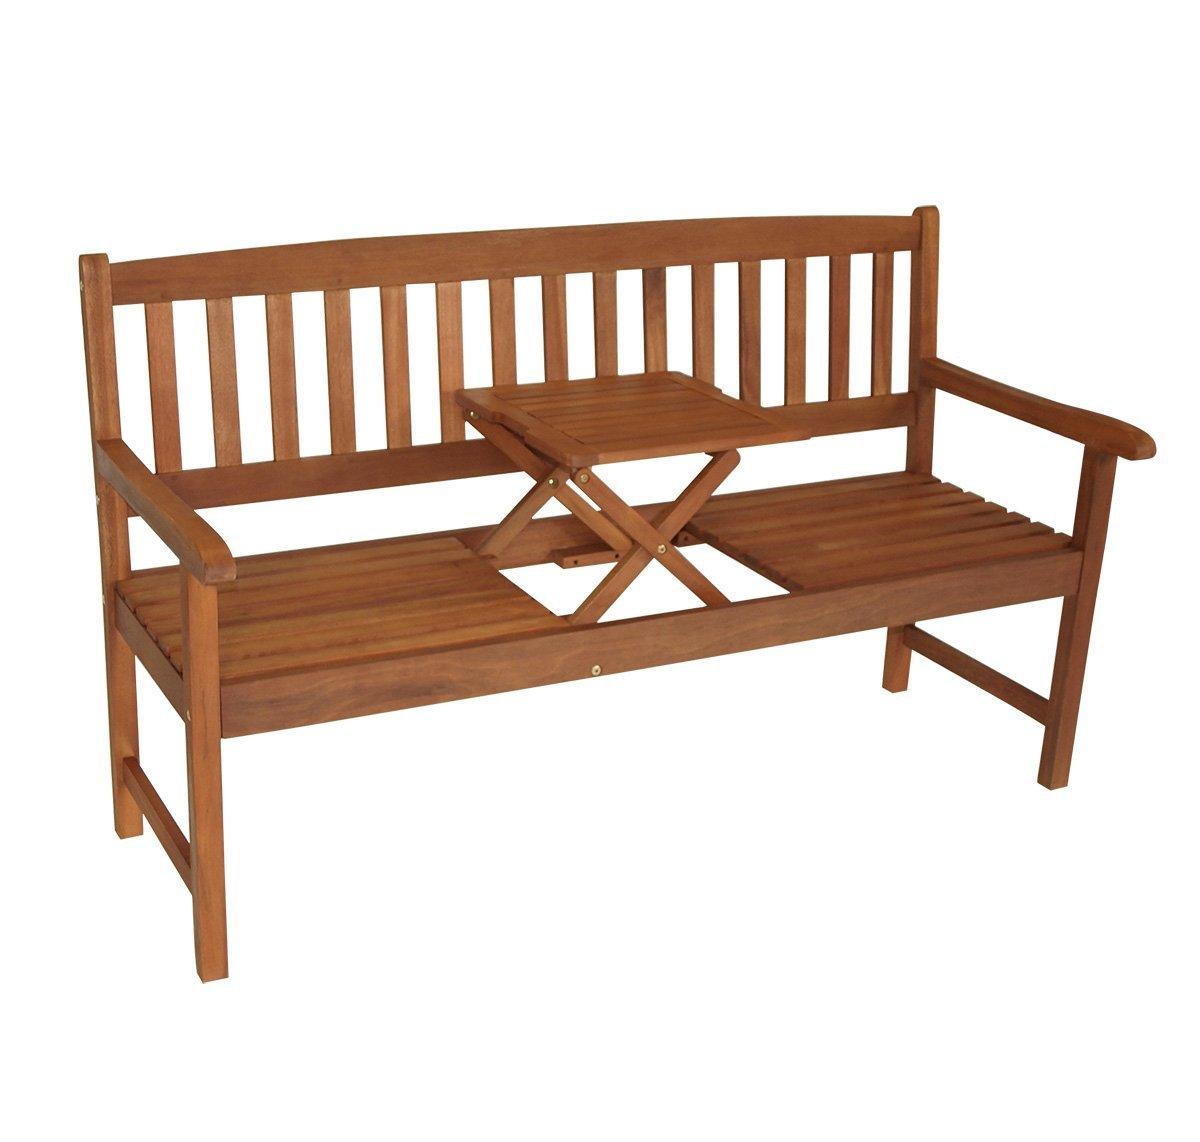 Gartenbank Mit Ausklappbarem Tisch